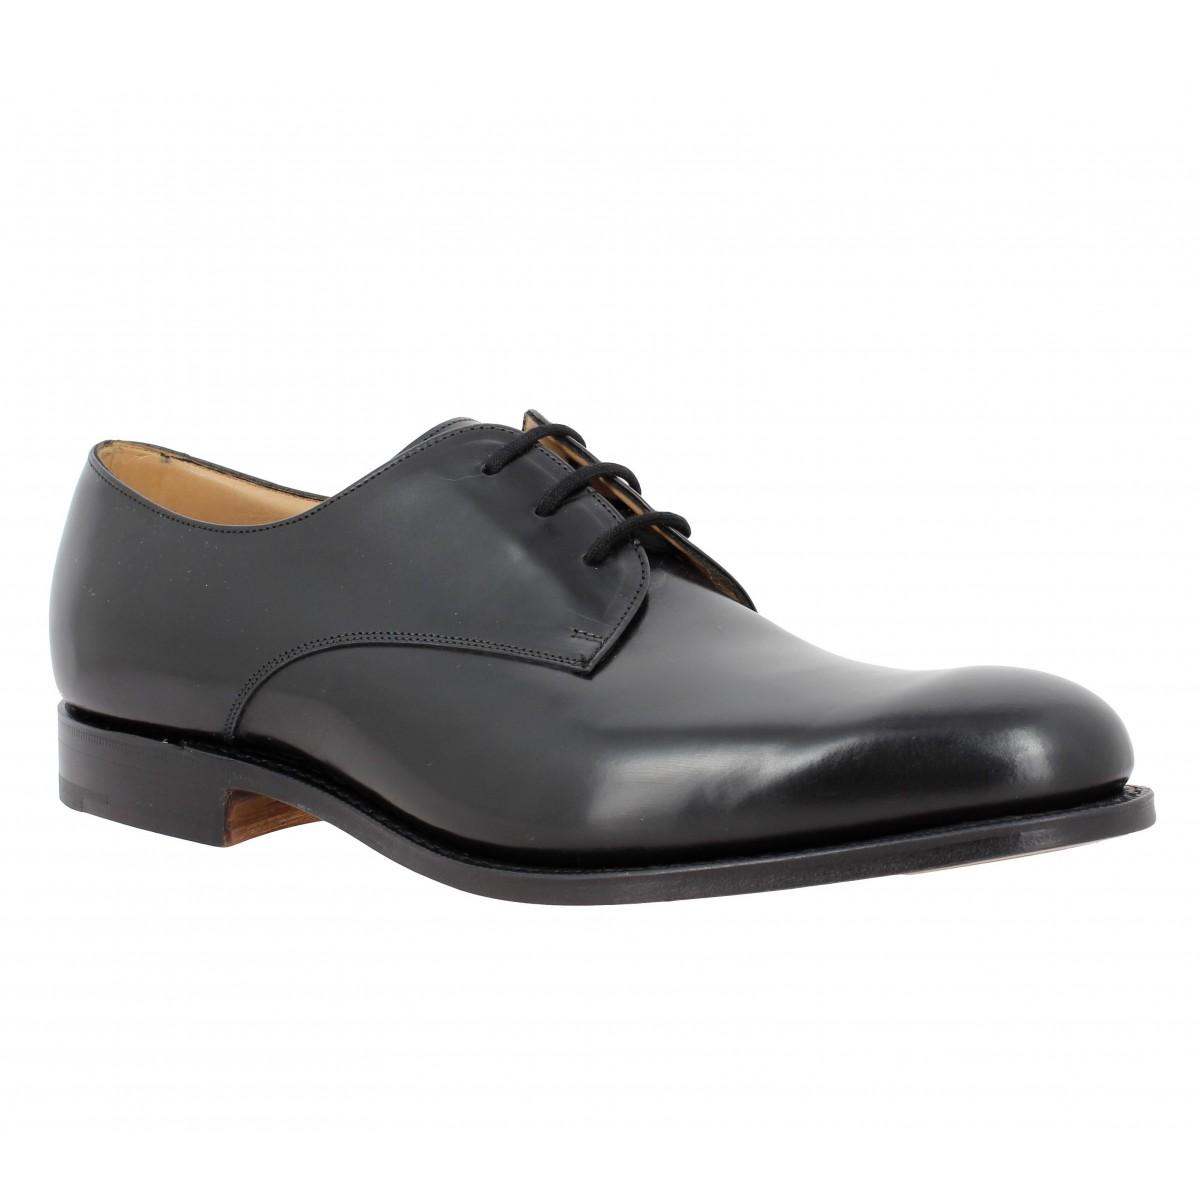 Chaussures à lacets CHURCH'S Paris cuir Homme Noir